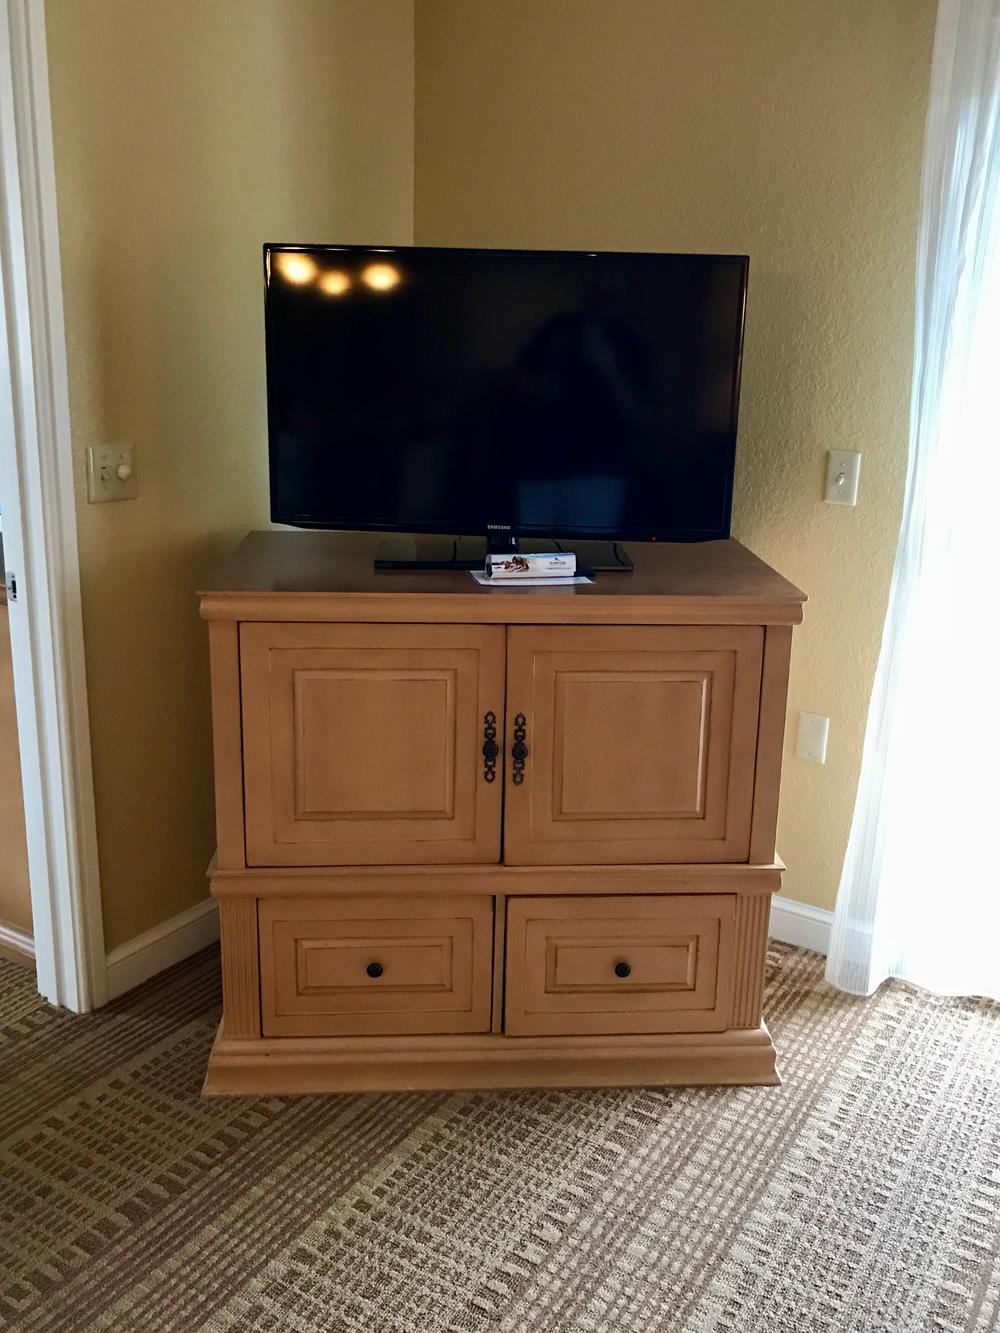 Condo living area television